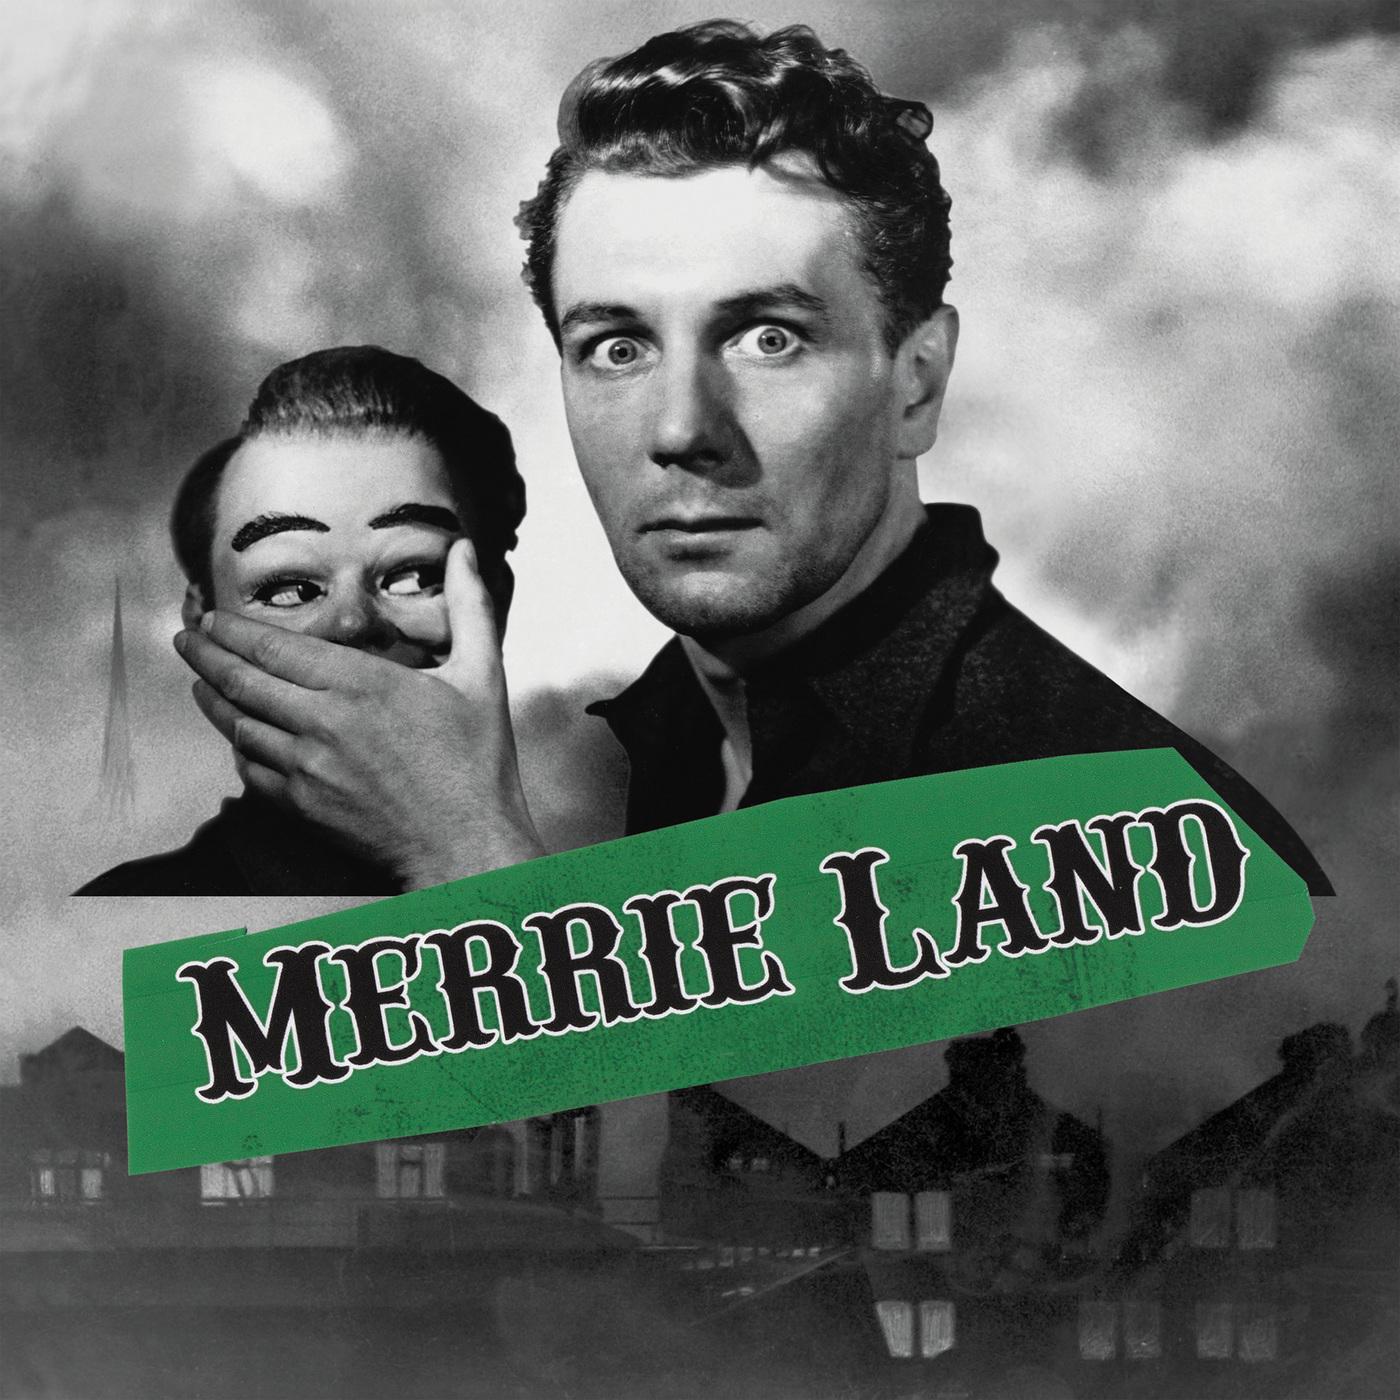 Merrie_Land-cover.jpg